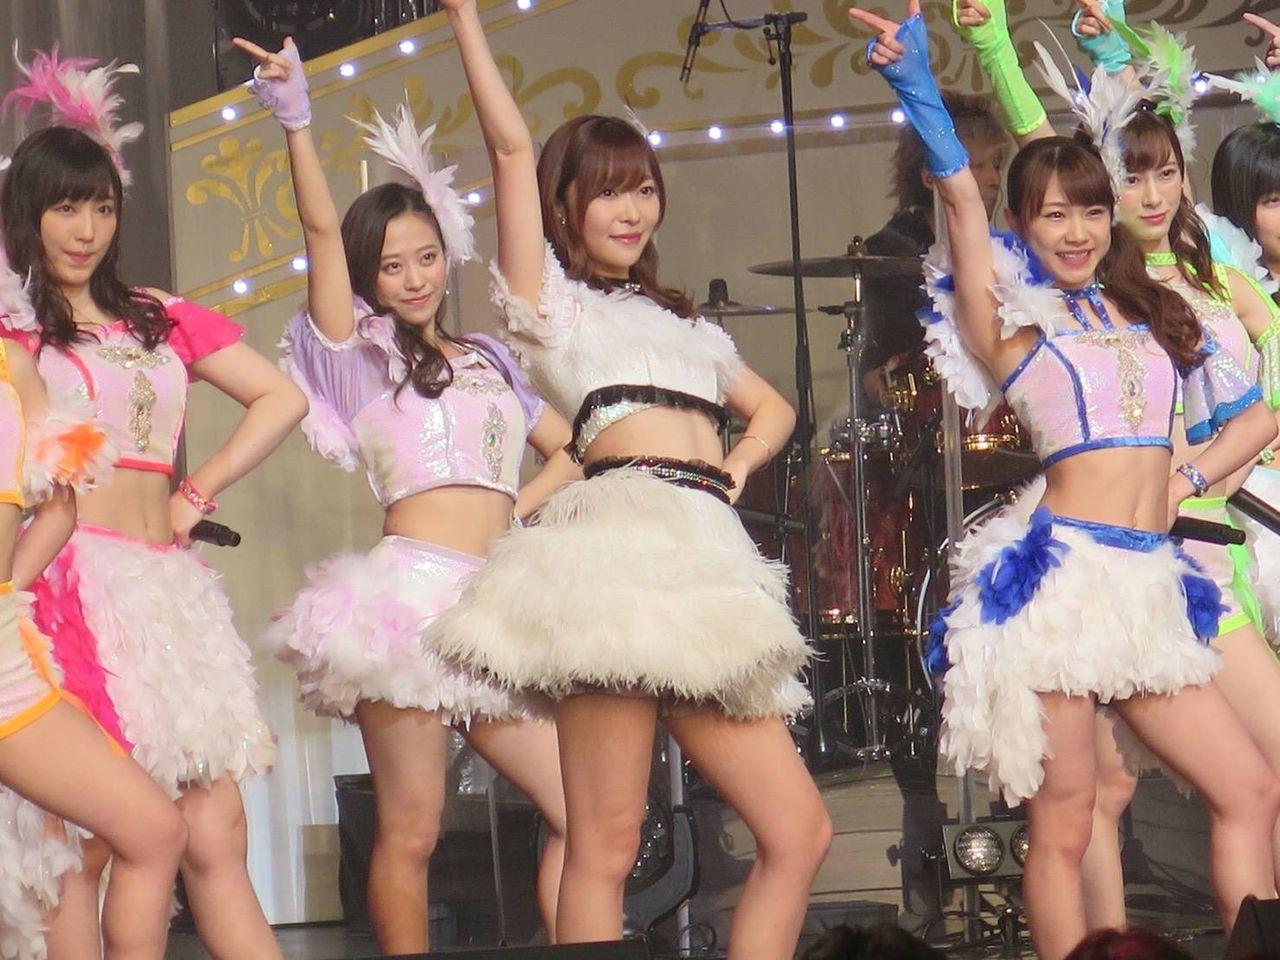 【エンタメ画像】モーニング娘。'17、AKB48紅白対抗歌合戦に出演